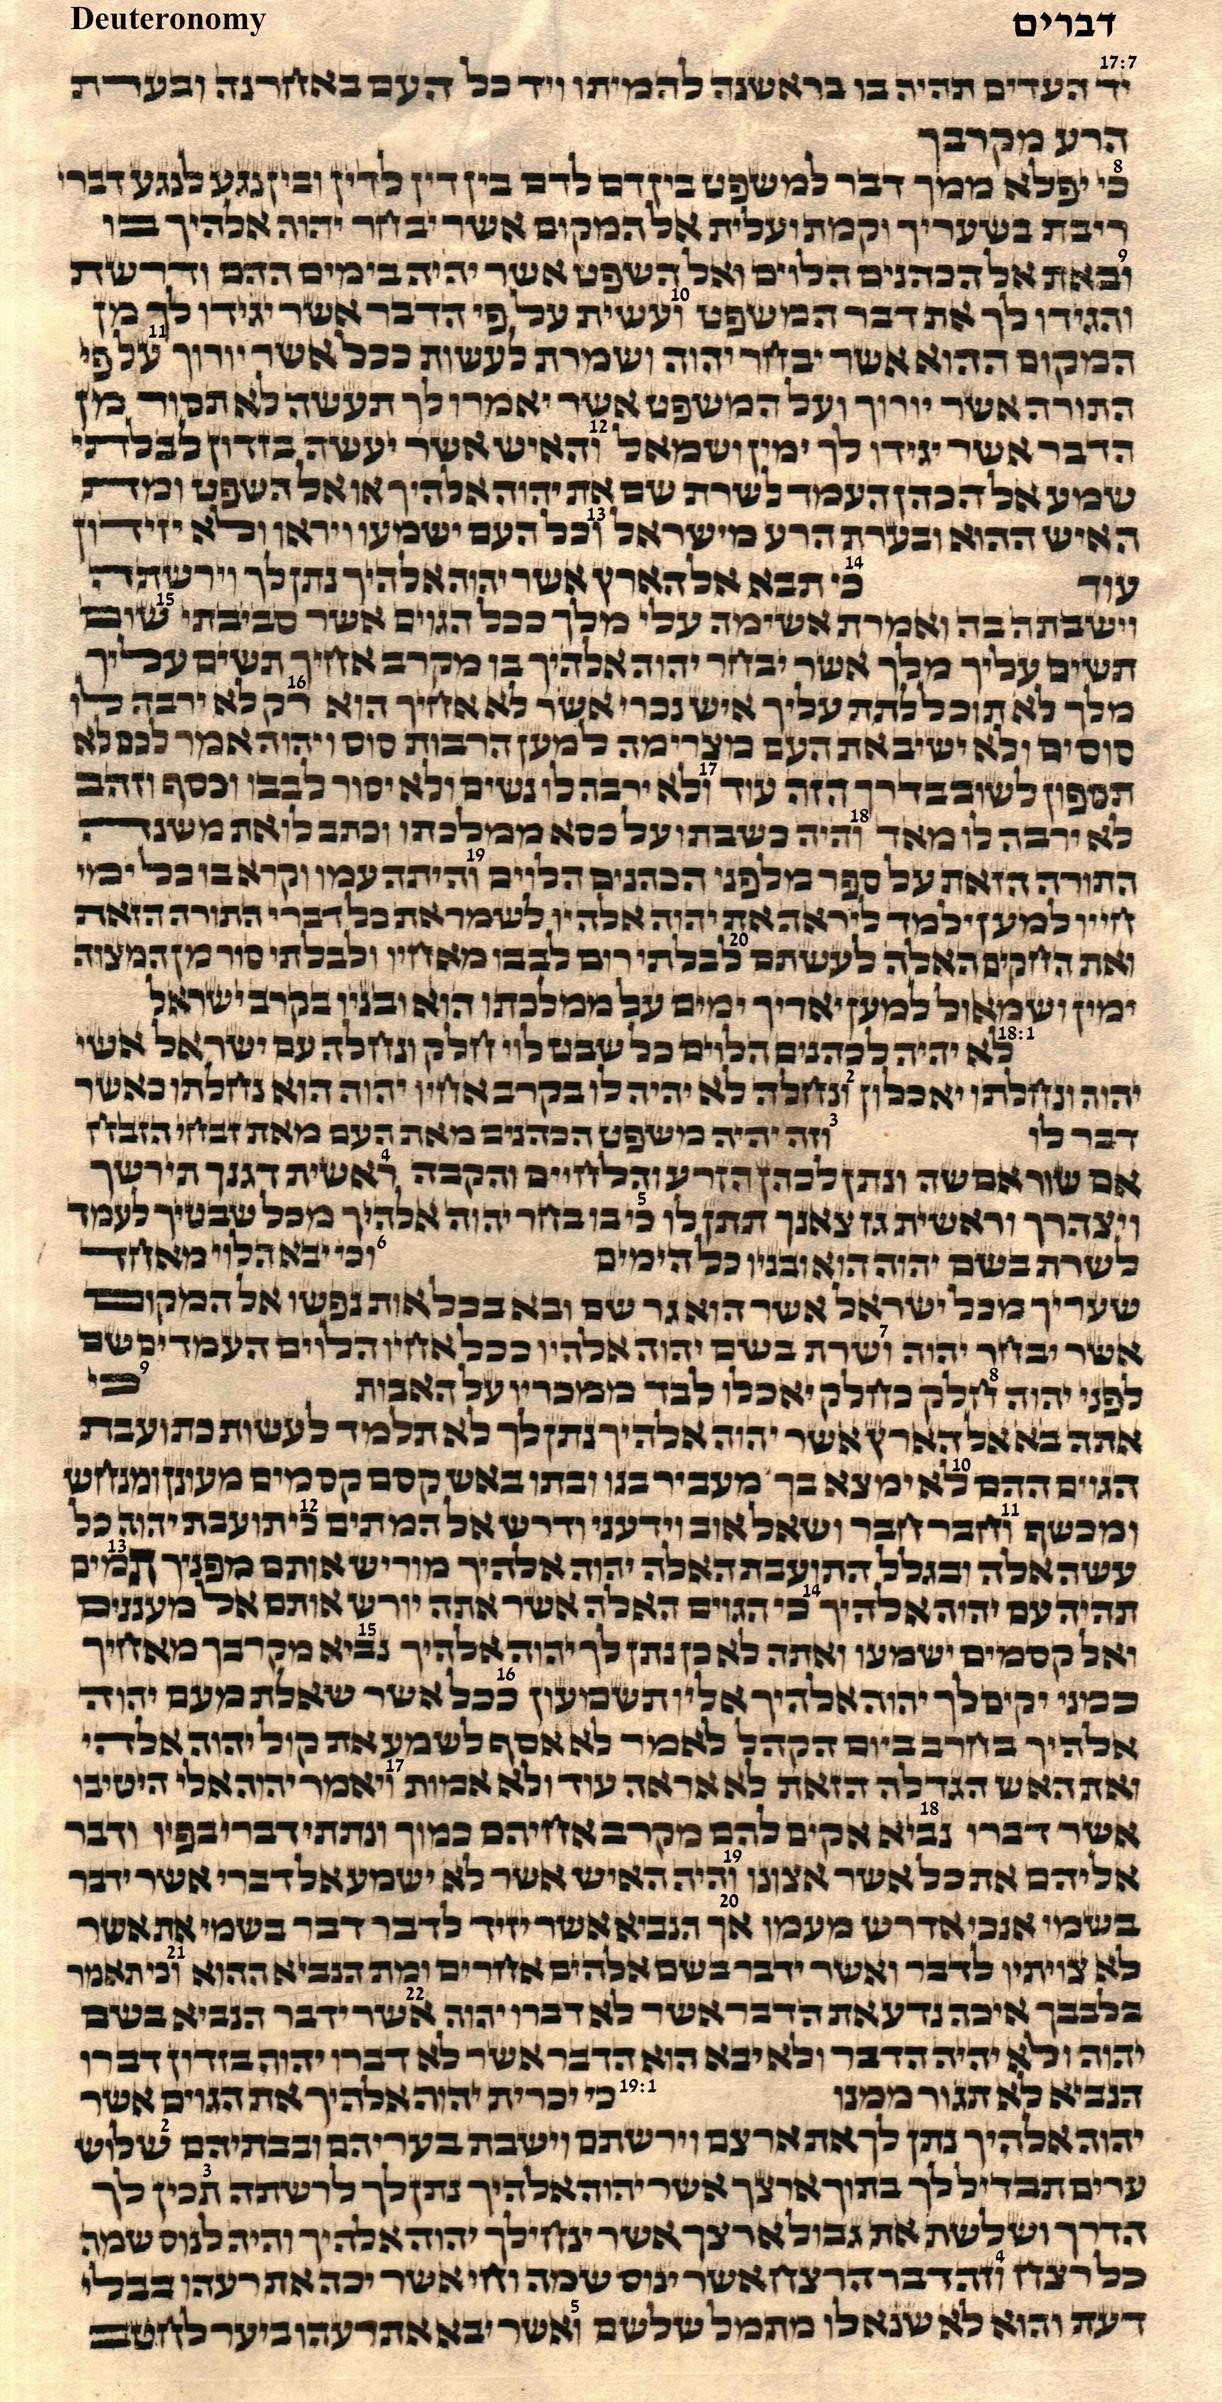 Deuteronomy 17.7 - 19.5